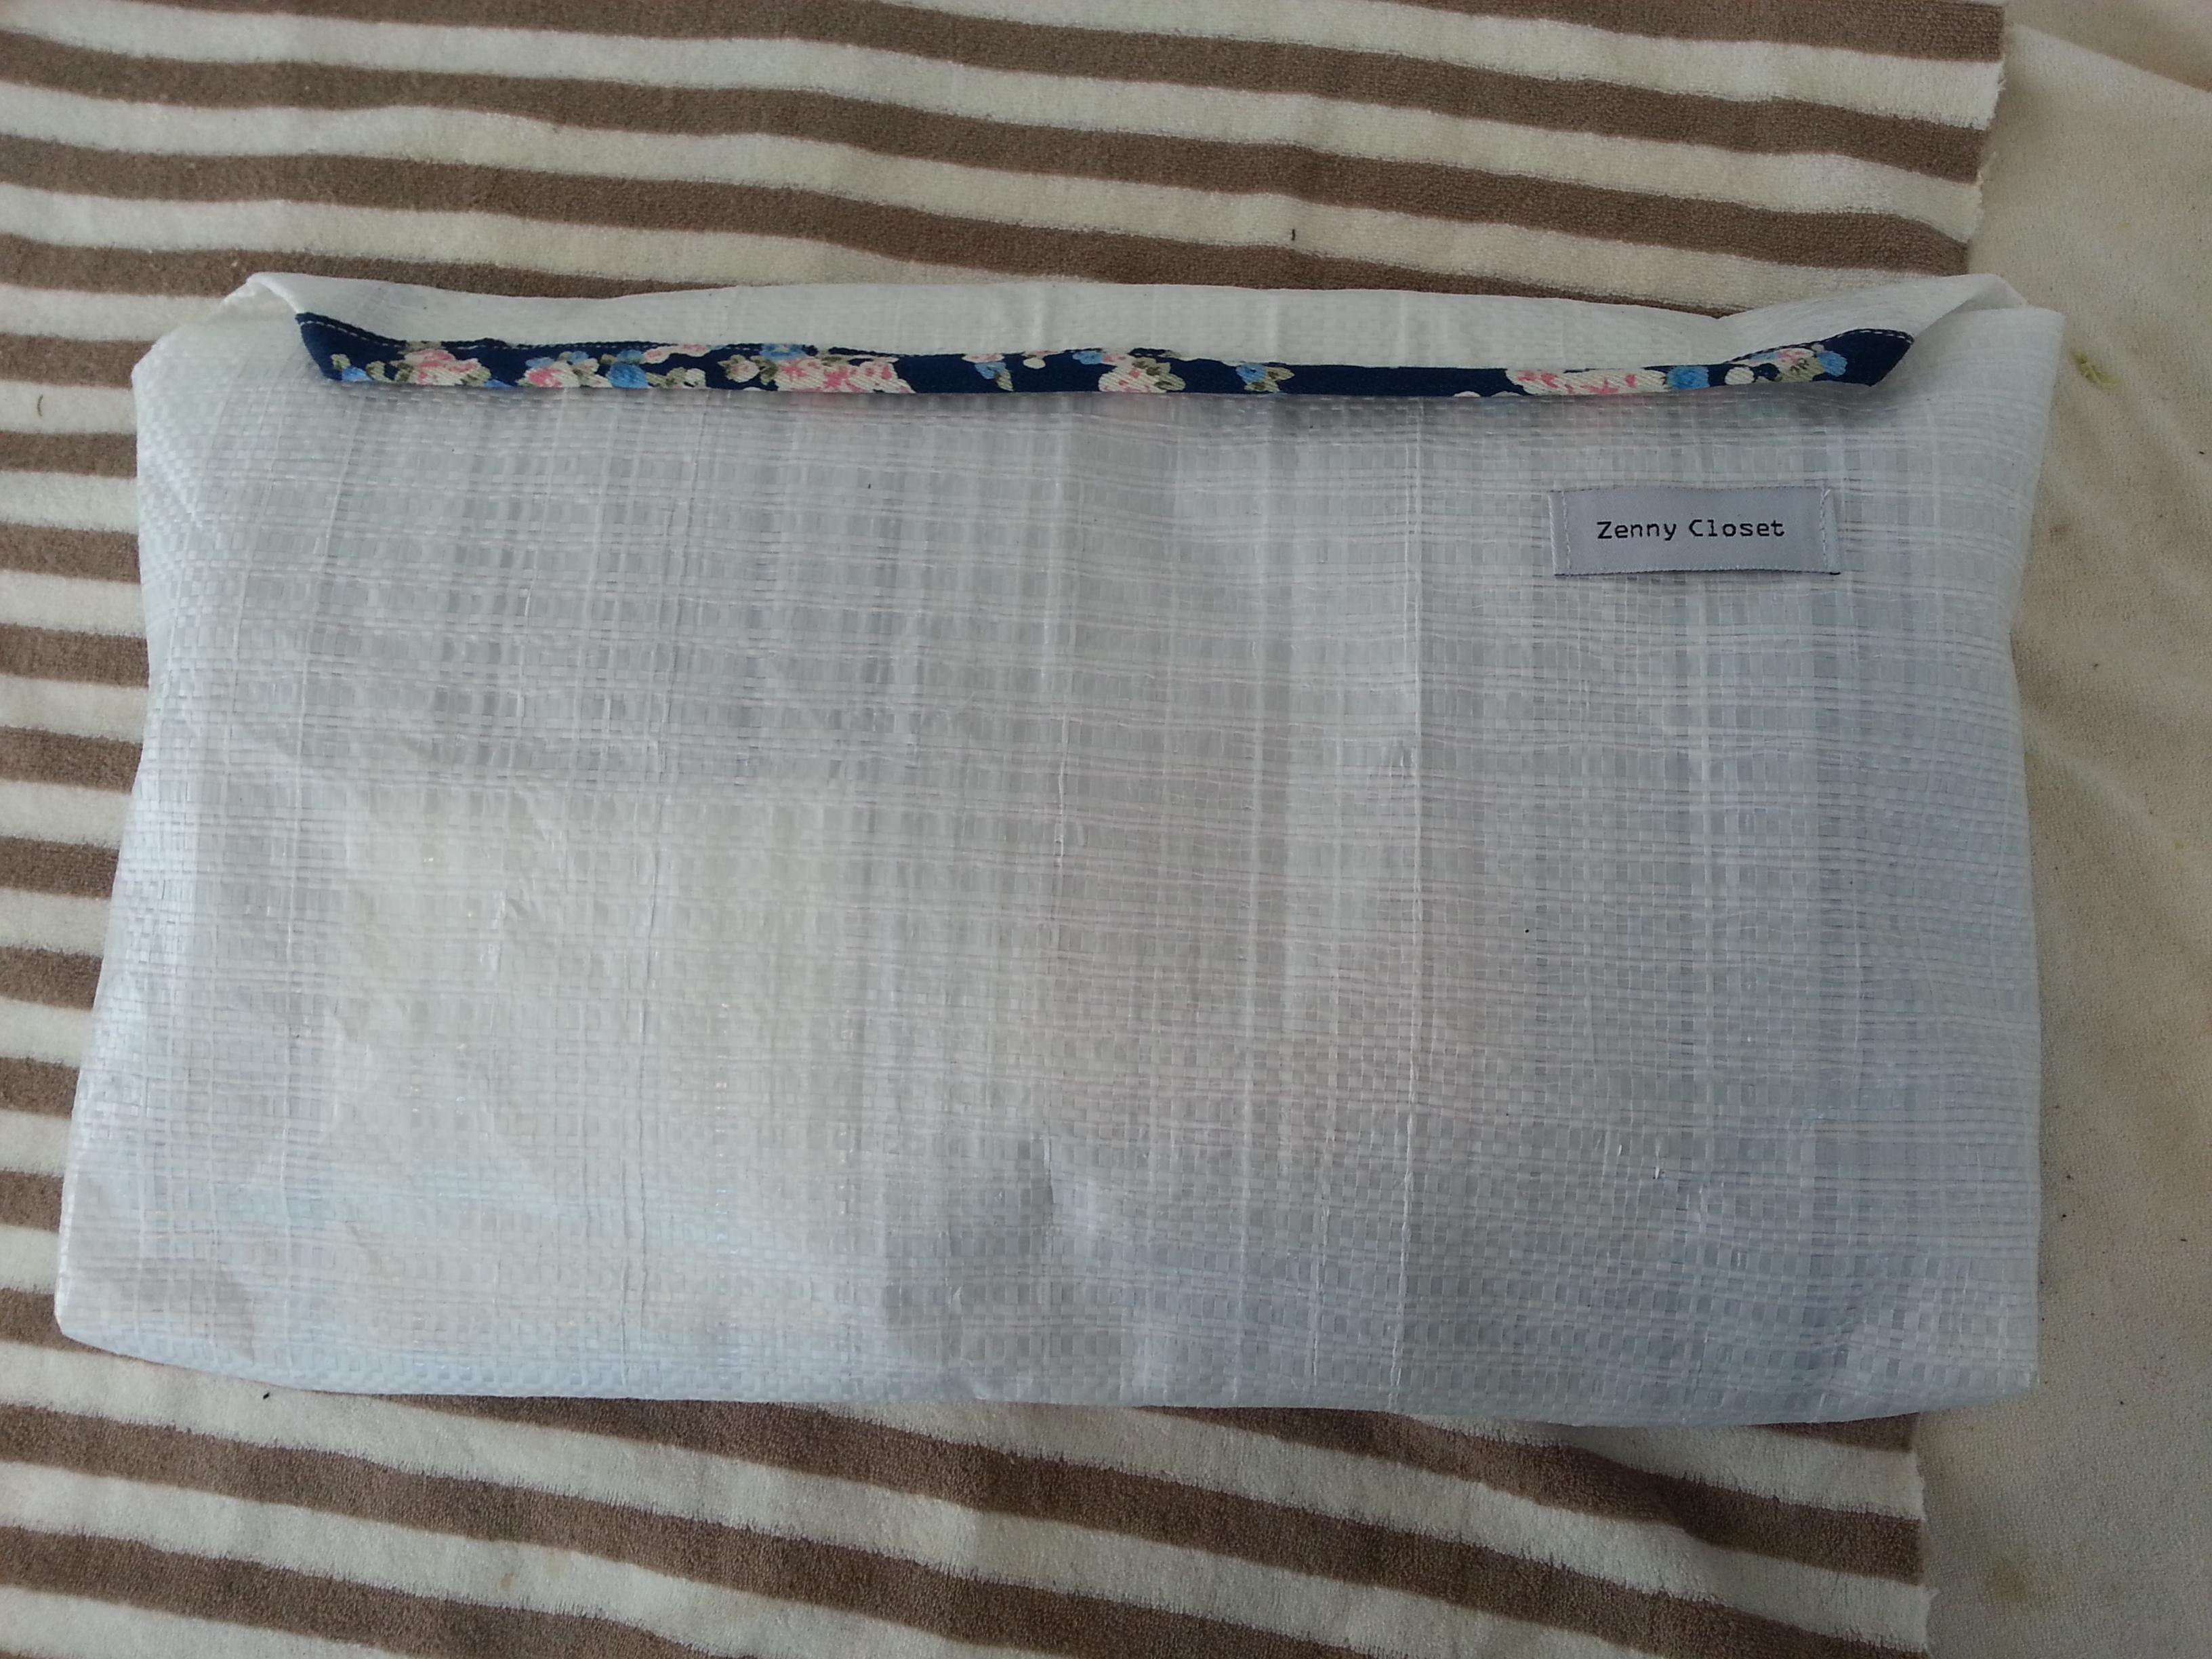 ba2d53f1a5aee8 벚꽃 데님 파우치 베이비 블루 색상 주문했습니다.